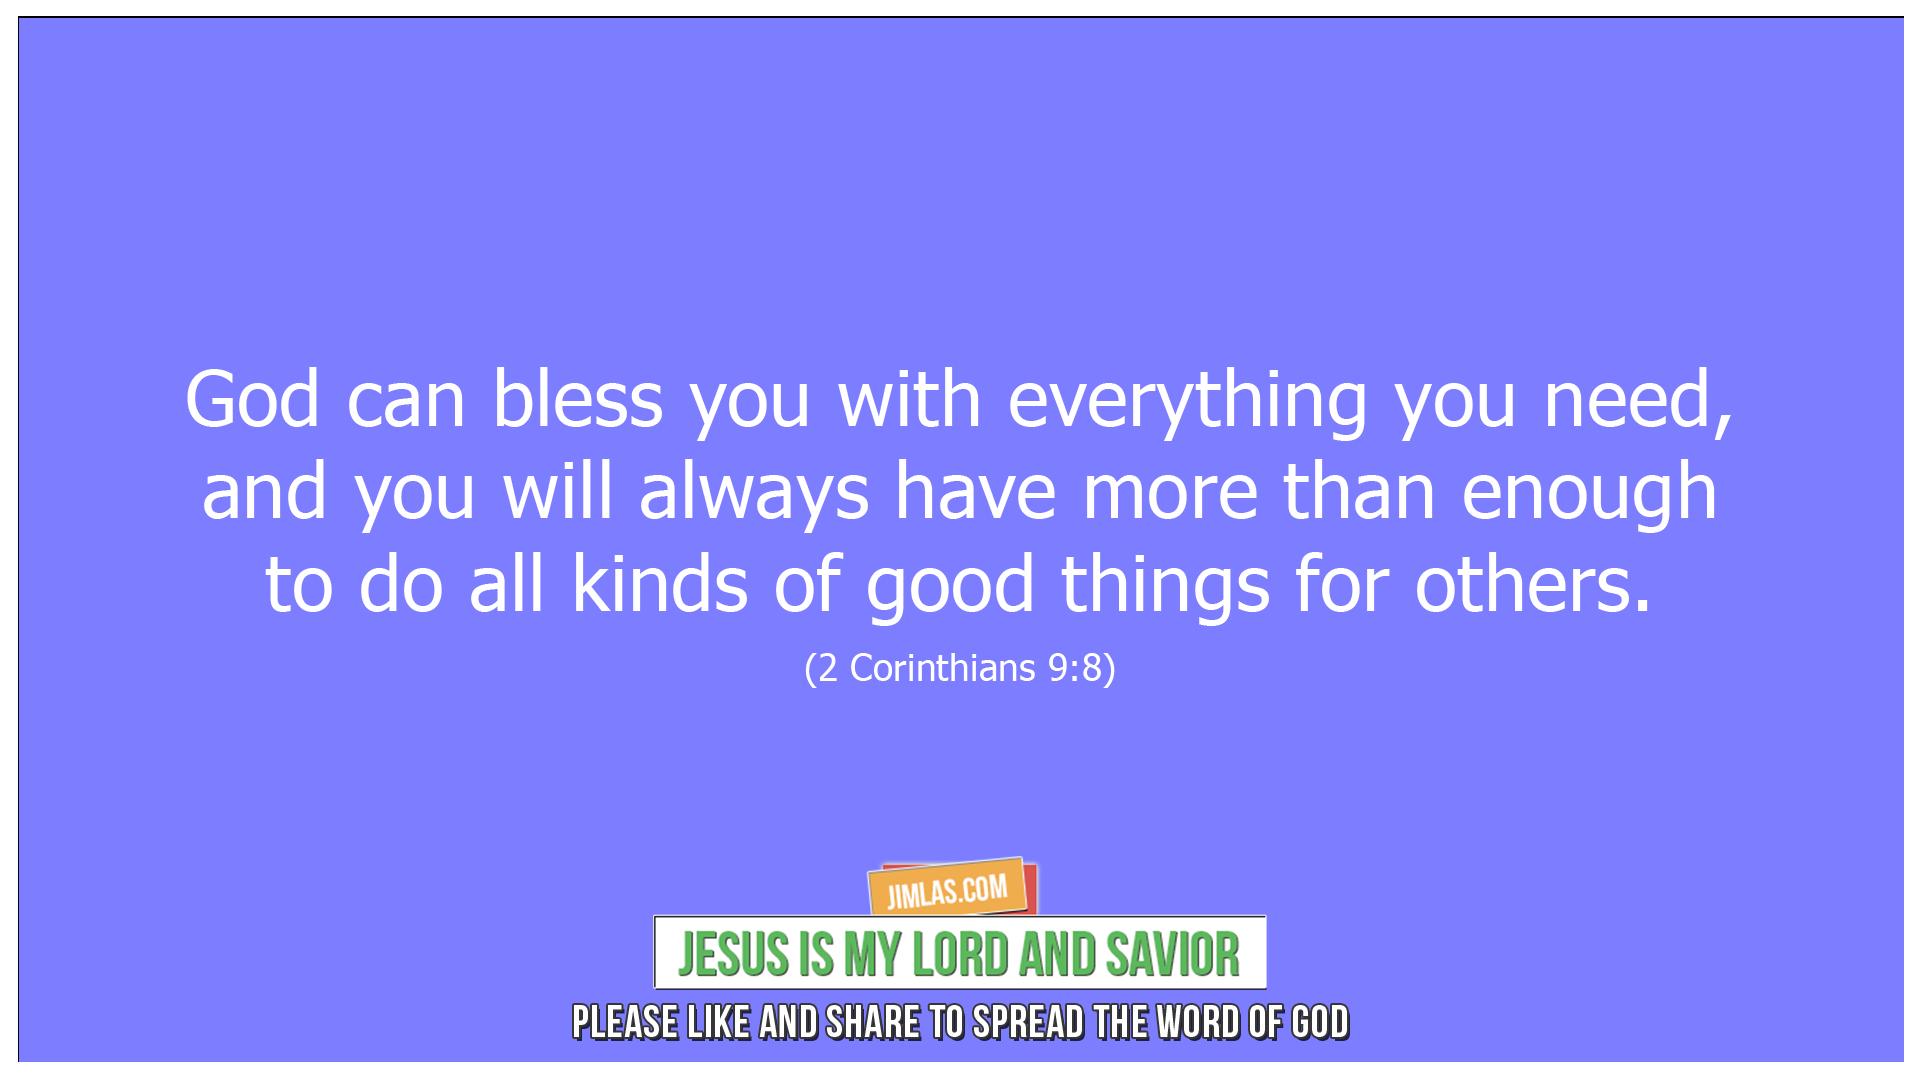 2 Corinthians 9 8, 2 Corinthians 9:8